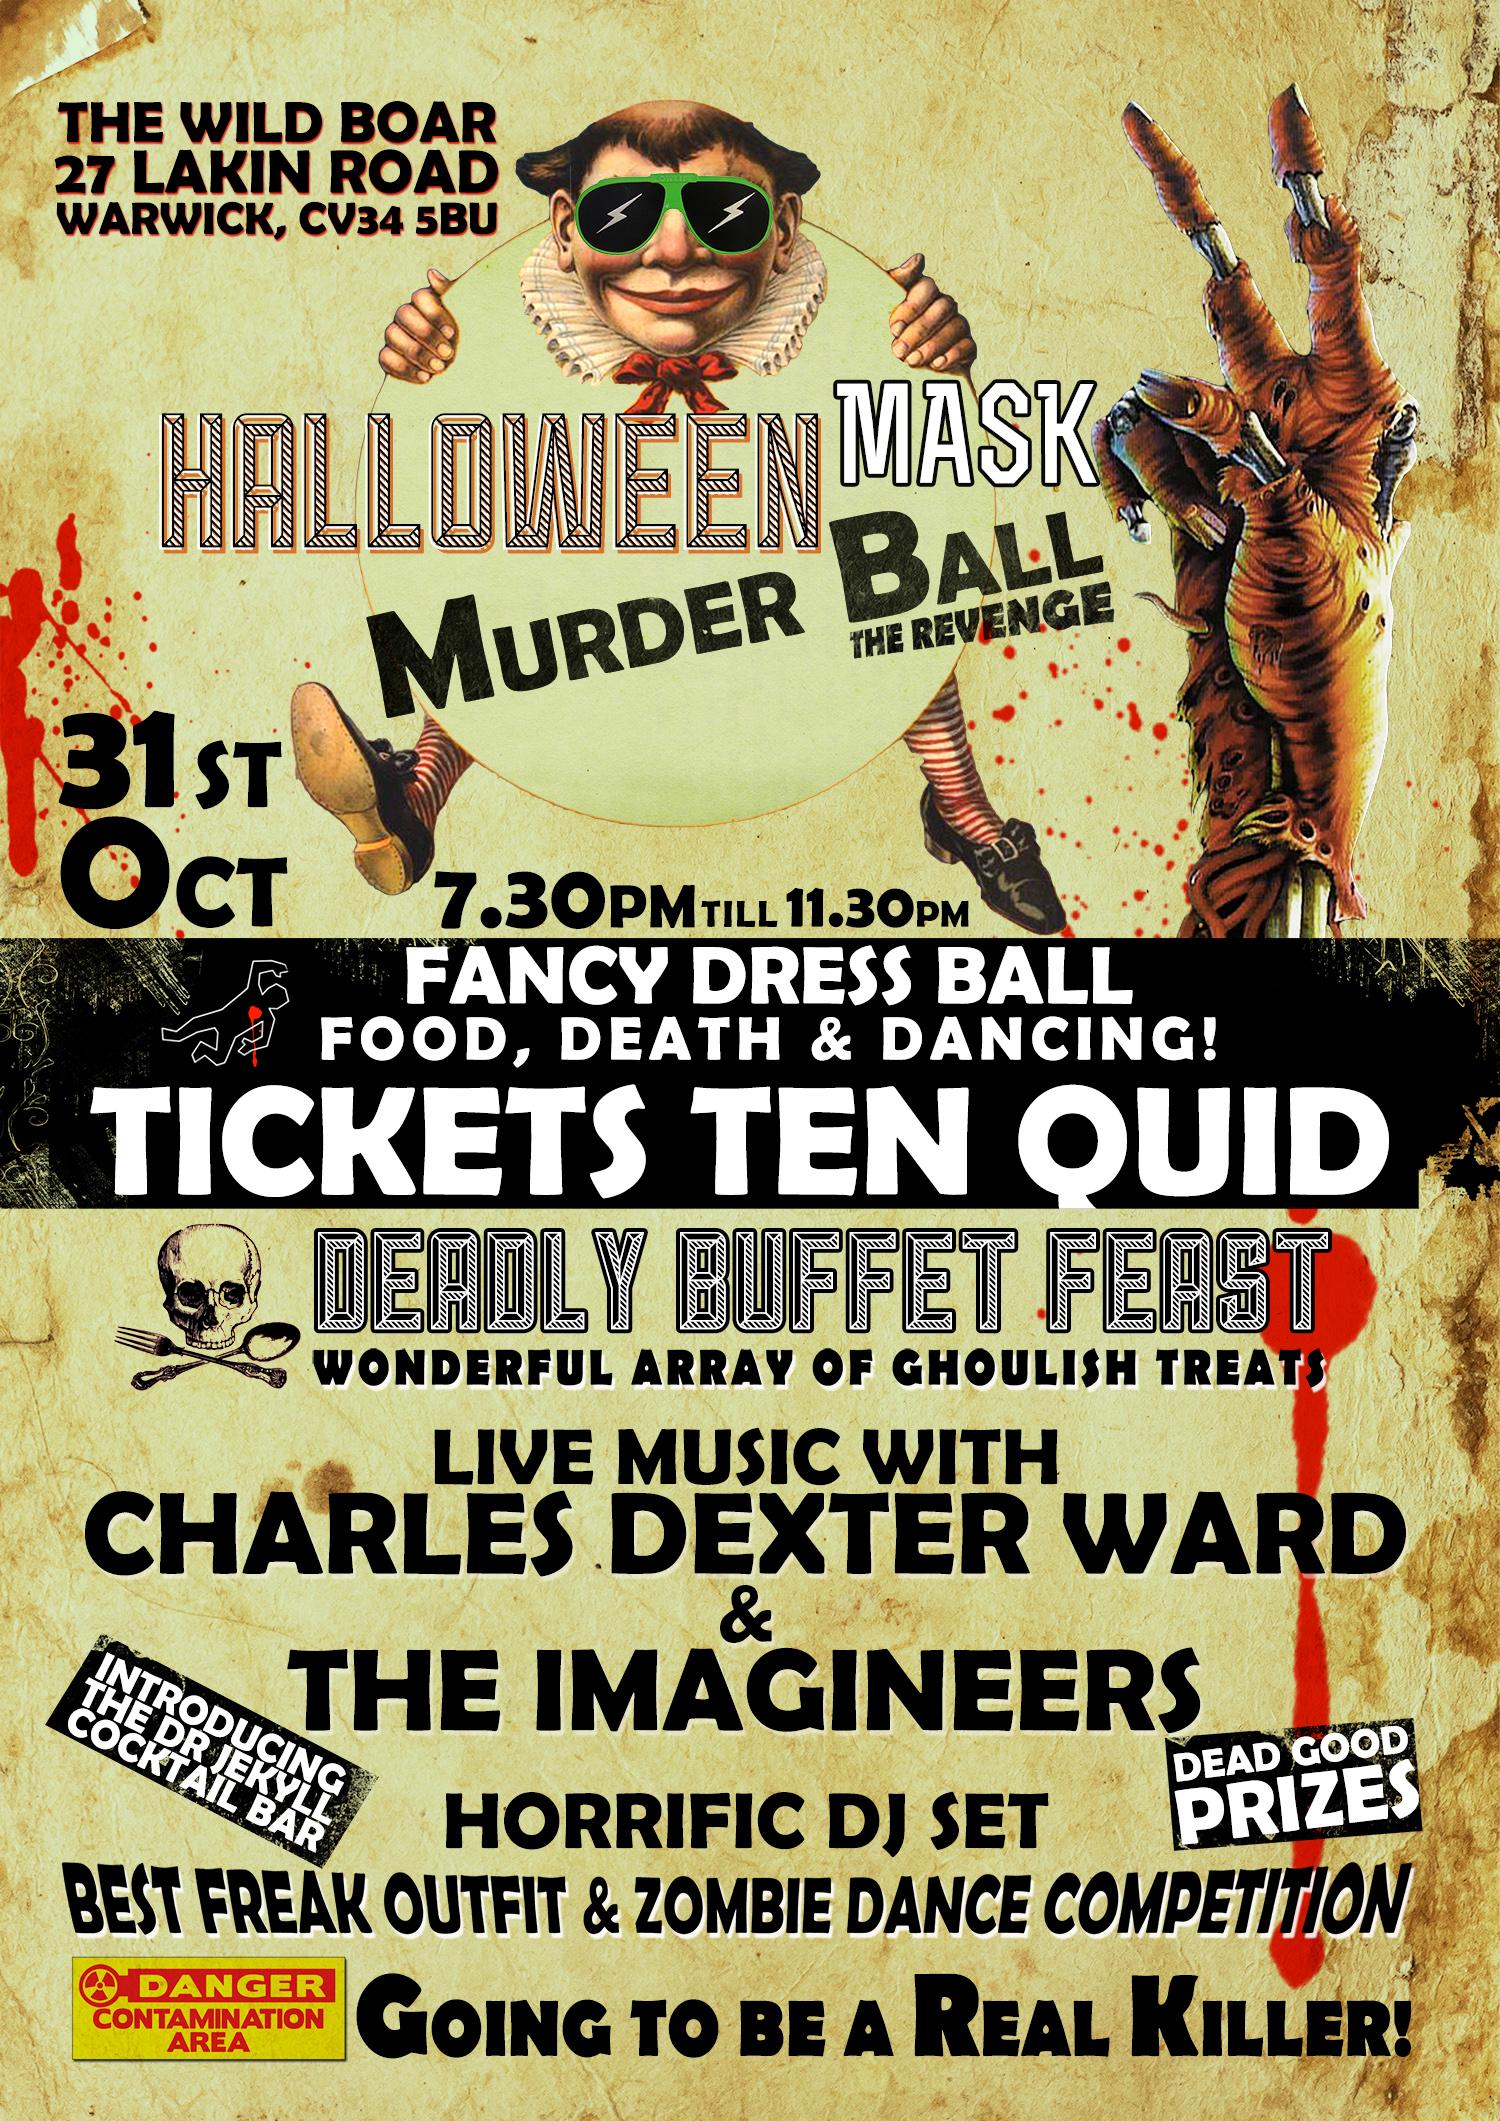 Mask murder ball poster